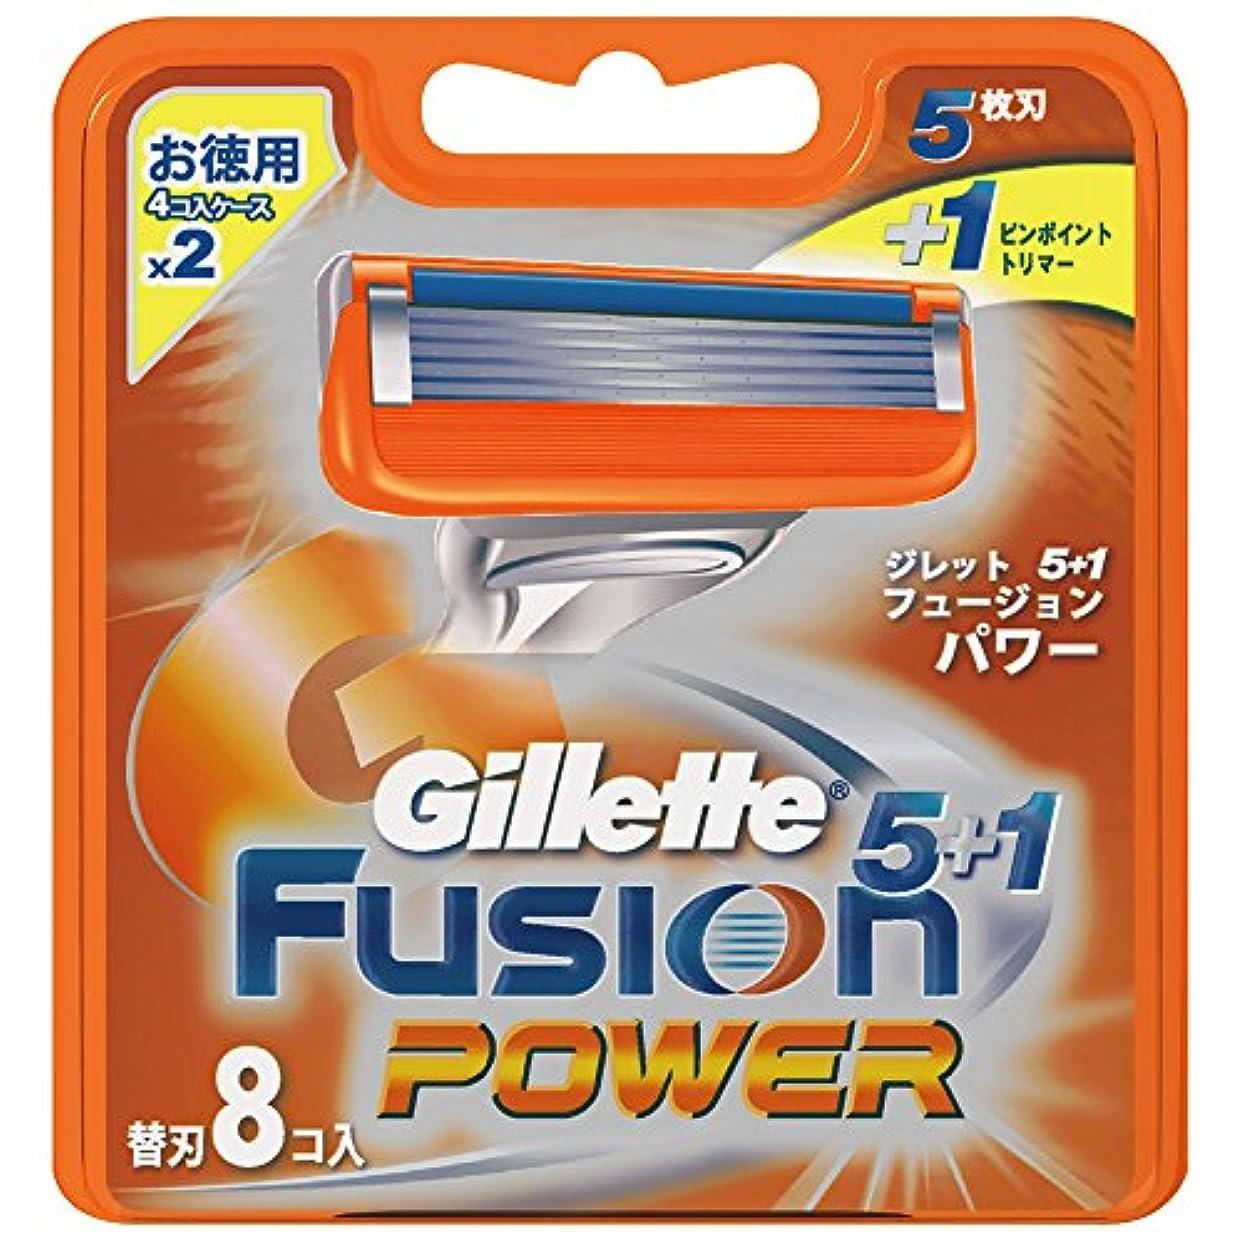 ペスト無声で再開ジレット 髭剃り フュージョン5+1 パワー 替刃8個入